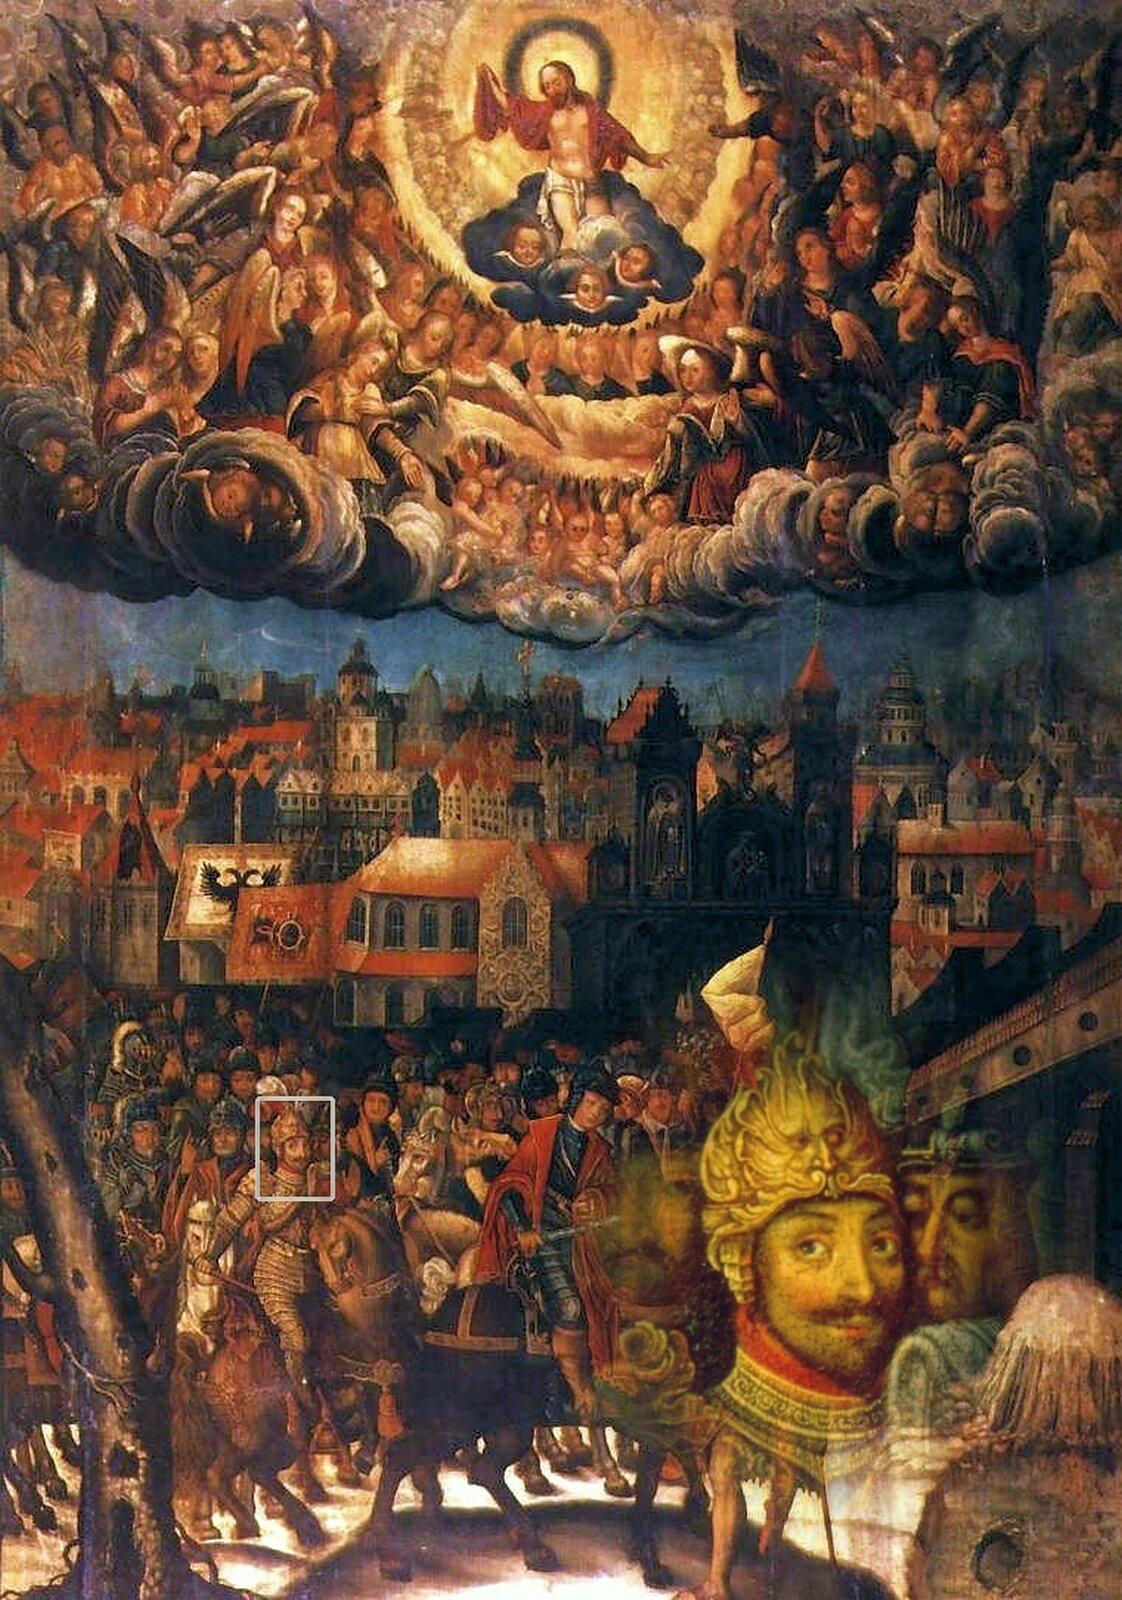 Wjazd św. Marcina do Amiens Zpodobnym przedstawieniem Zygmunta III mamy do czynienia na obrazie pędzla Krzysztofa Boguszewskiego. Król jest przedstawiony jako jeden zrycerzy orszaku św. Marcina. Portret utrzymany wtakiej zbrojnejkonwencji miał wyrażaćmoc inieustępliwość rycerską, atakże triumf moralny. Umieszczenia zaś monarchy wotoczeniu świętego miało dodatkowo zaznaczaćideę Żołnierza Chrześcijańskiego, obrońcy Boga -Defensor Dei- gotowego do walki zwrogami Kościoła. Źródło: Krzysztof Boguszewski, Wjazd św. Marcina do Amiens, 1628 r., olej na płótnie idesce, Bazylika archikatedralna Świętych Apostołów Piotra iPawła wPoznaniu, domena publiczna.